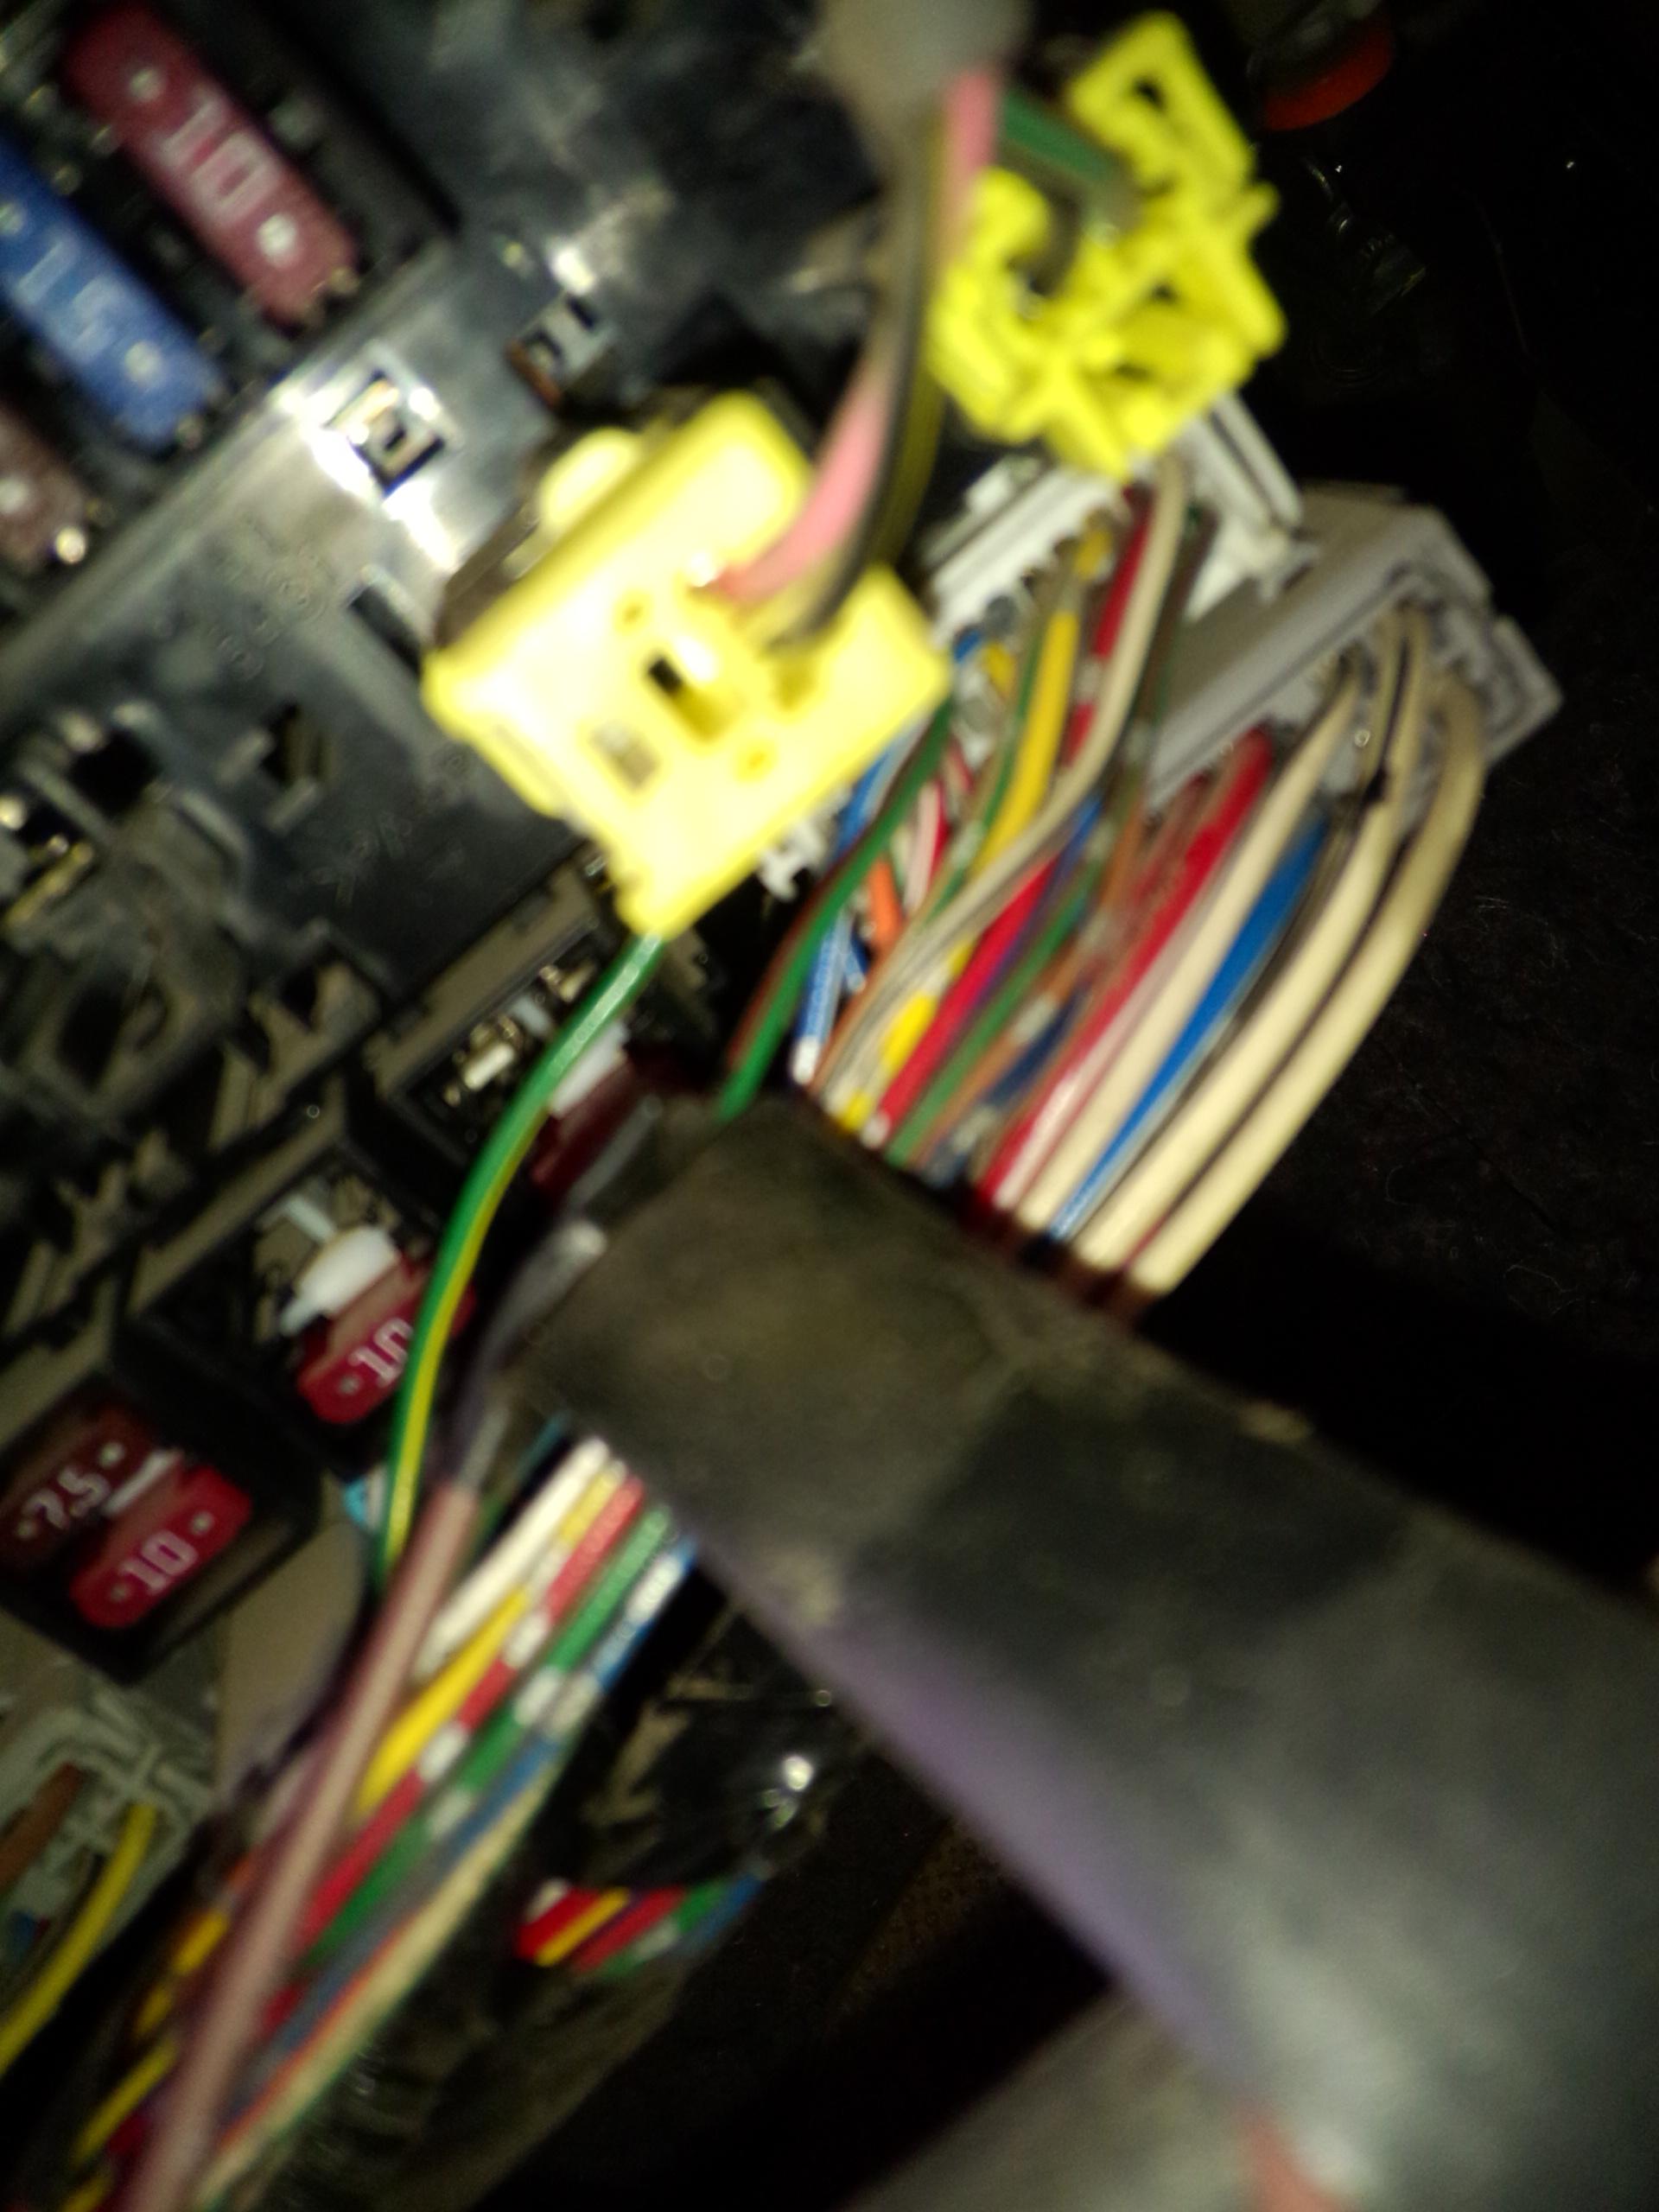 念防盗器接线图,电动车防盗器接线图,新桑塔纳防盗器接线图高清图片